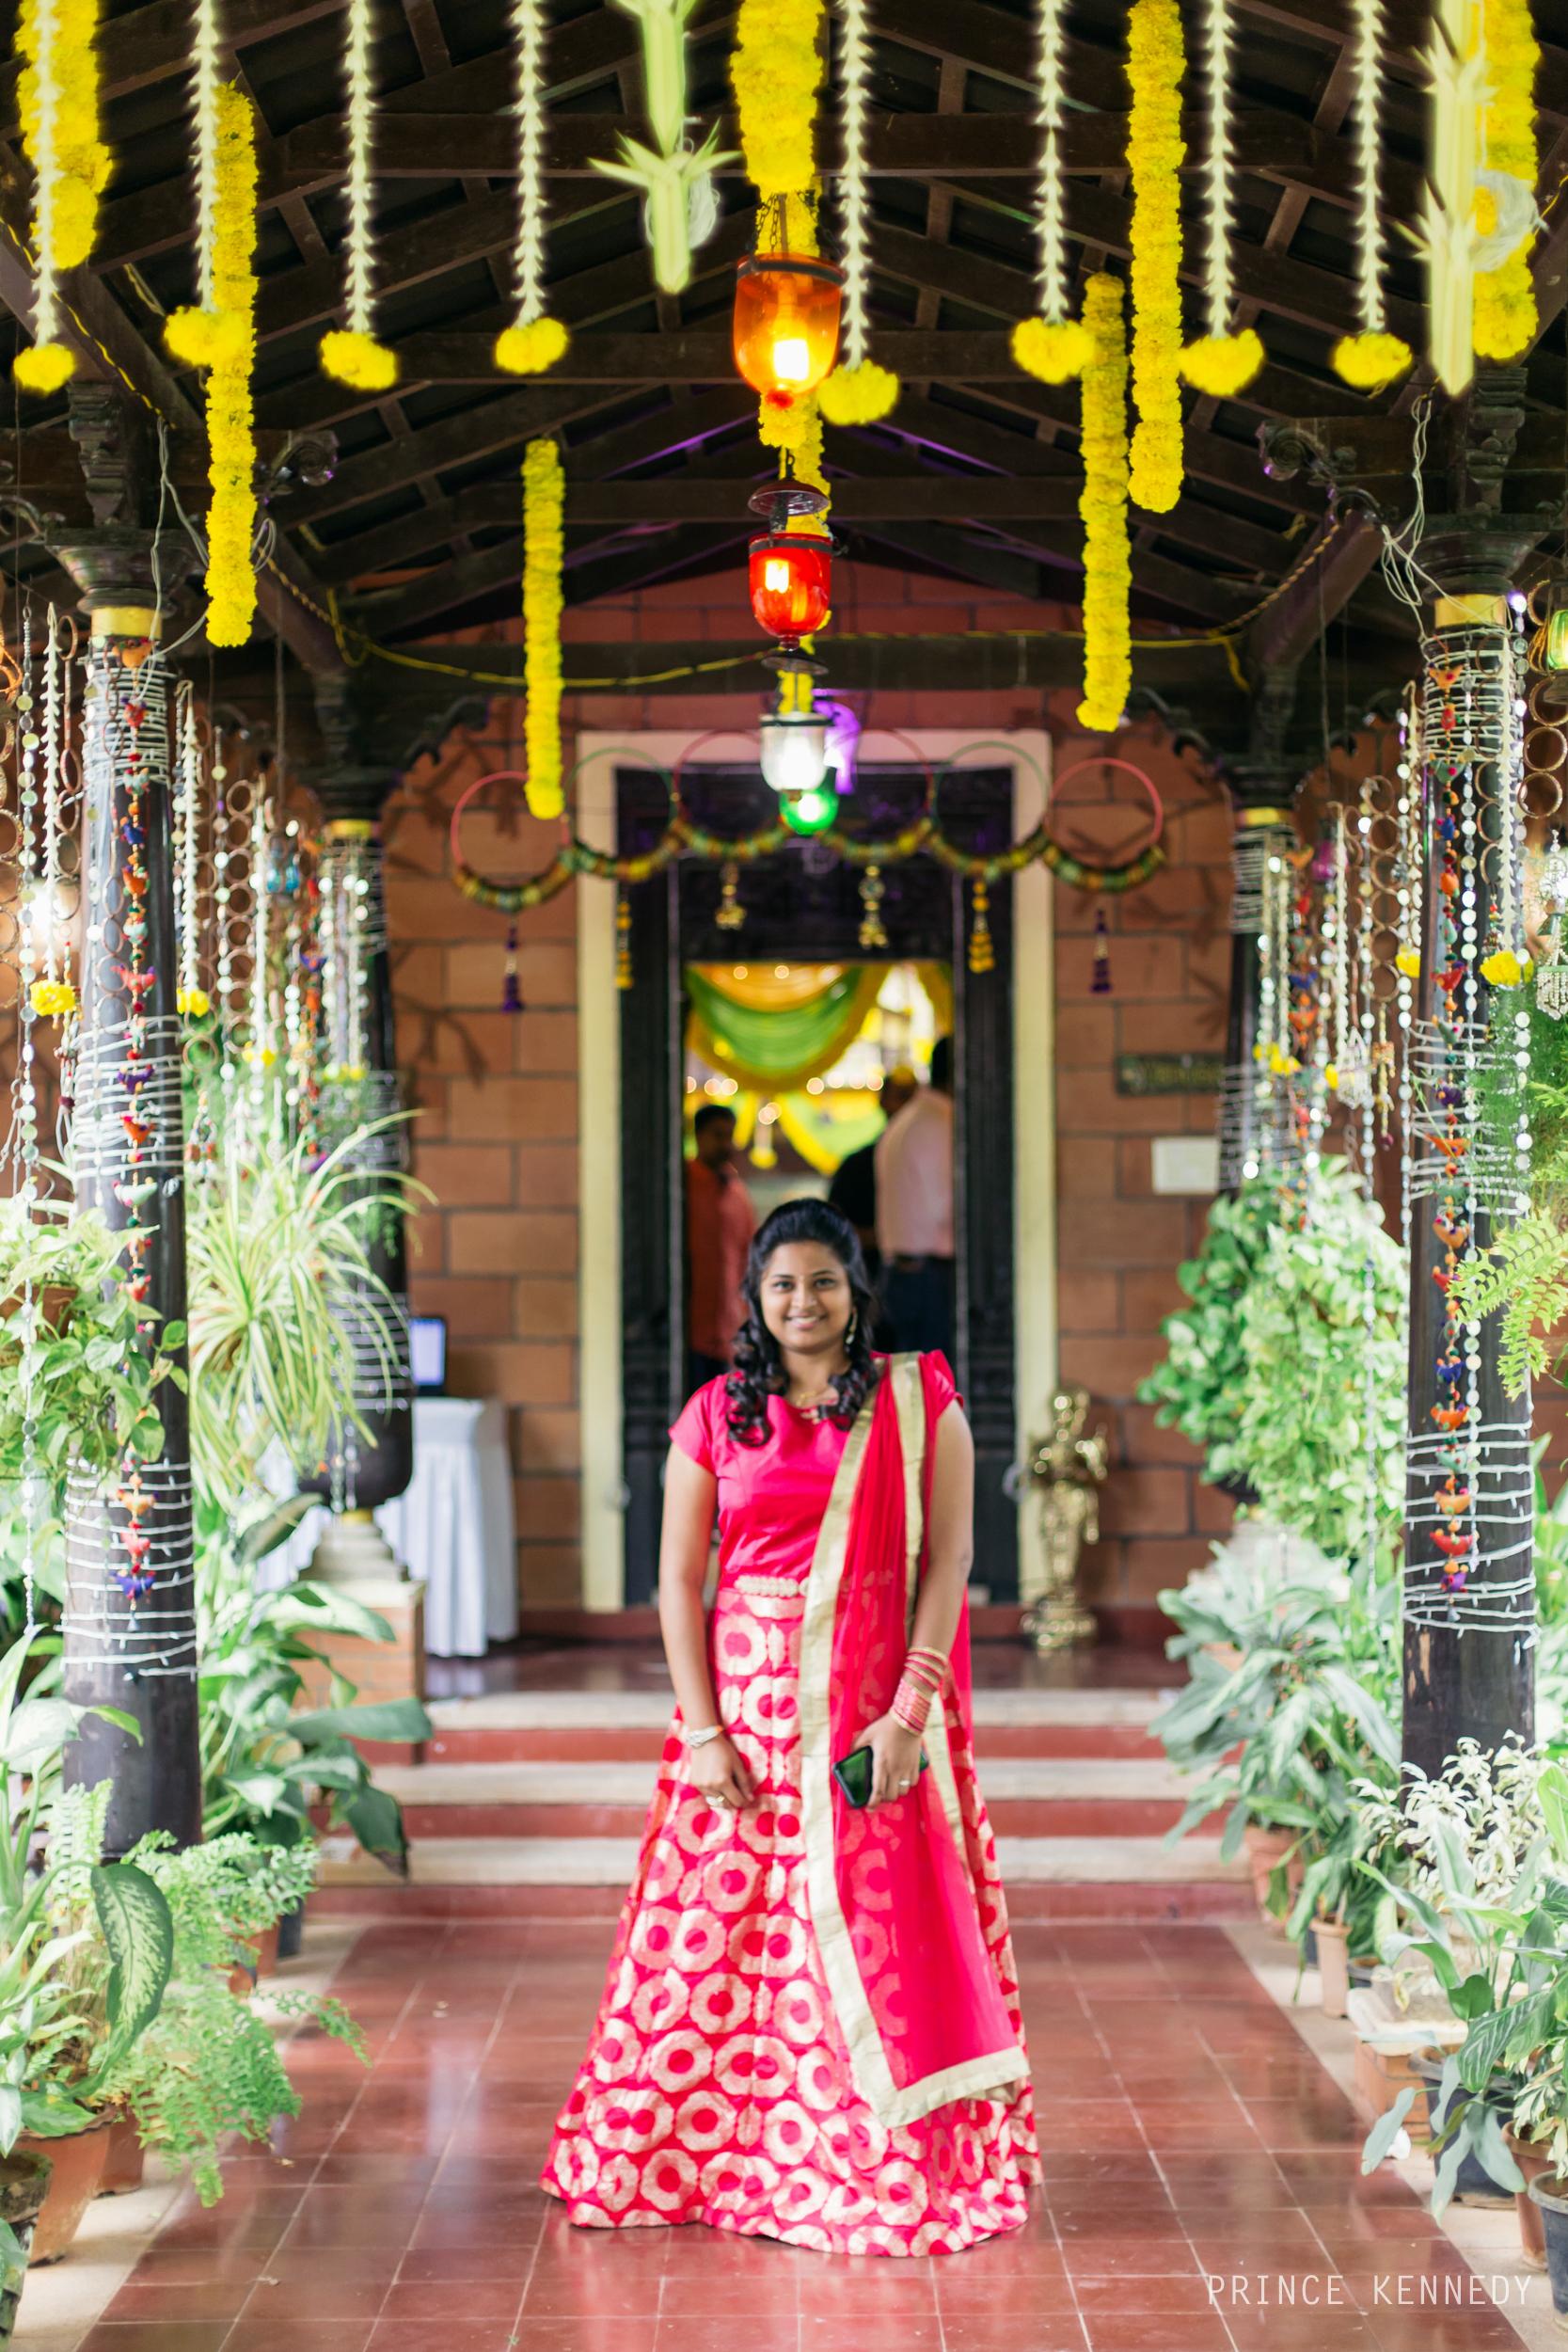 Engagement-Couple-Portrait-Portraiture-Wedding-Couple-Portrait-Chennai-Photographer-Candid-Photography-Destination-Best-Prince-Kennedy-Photography-92.jpg